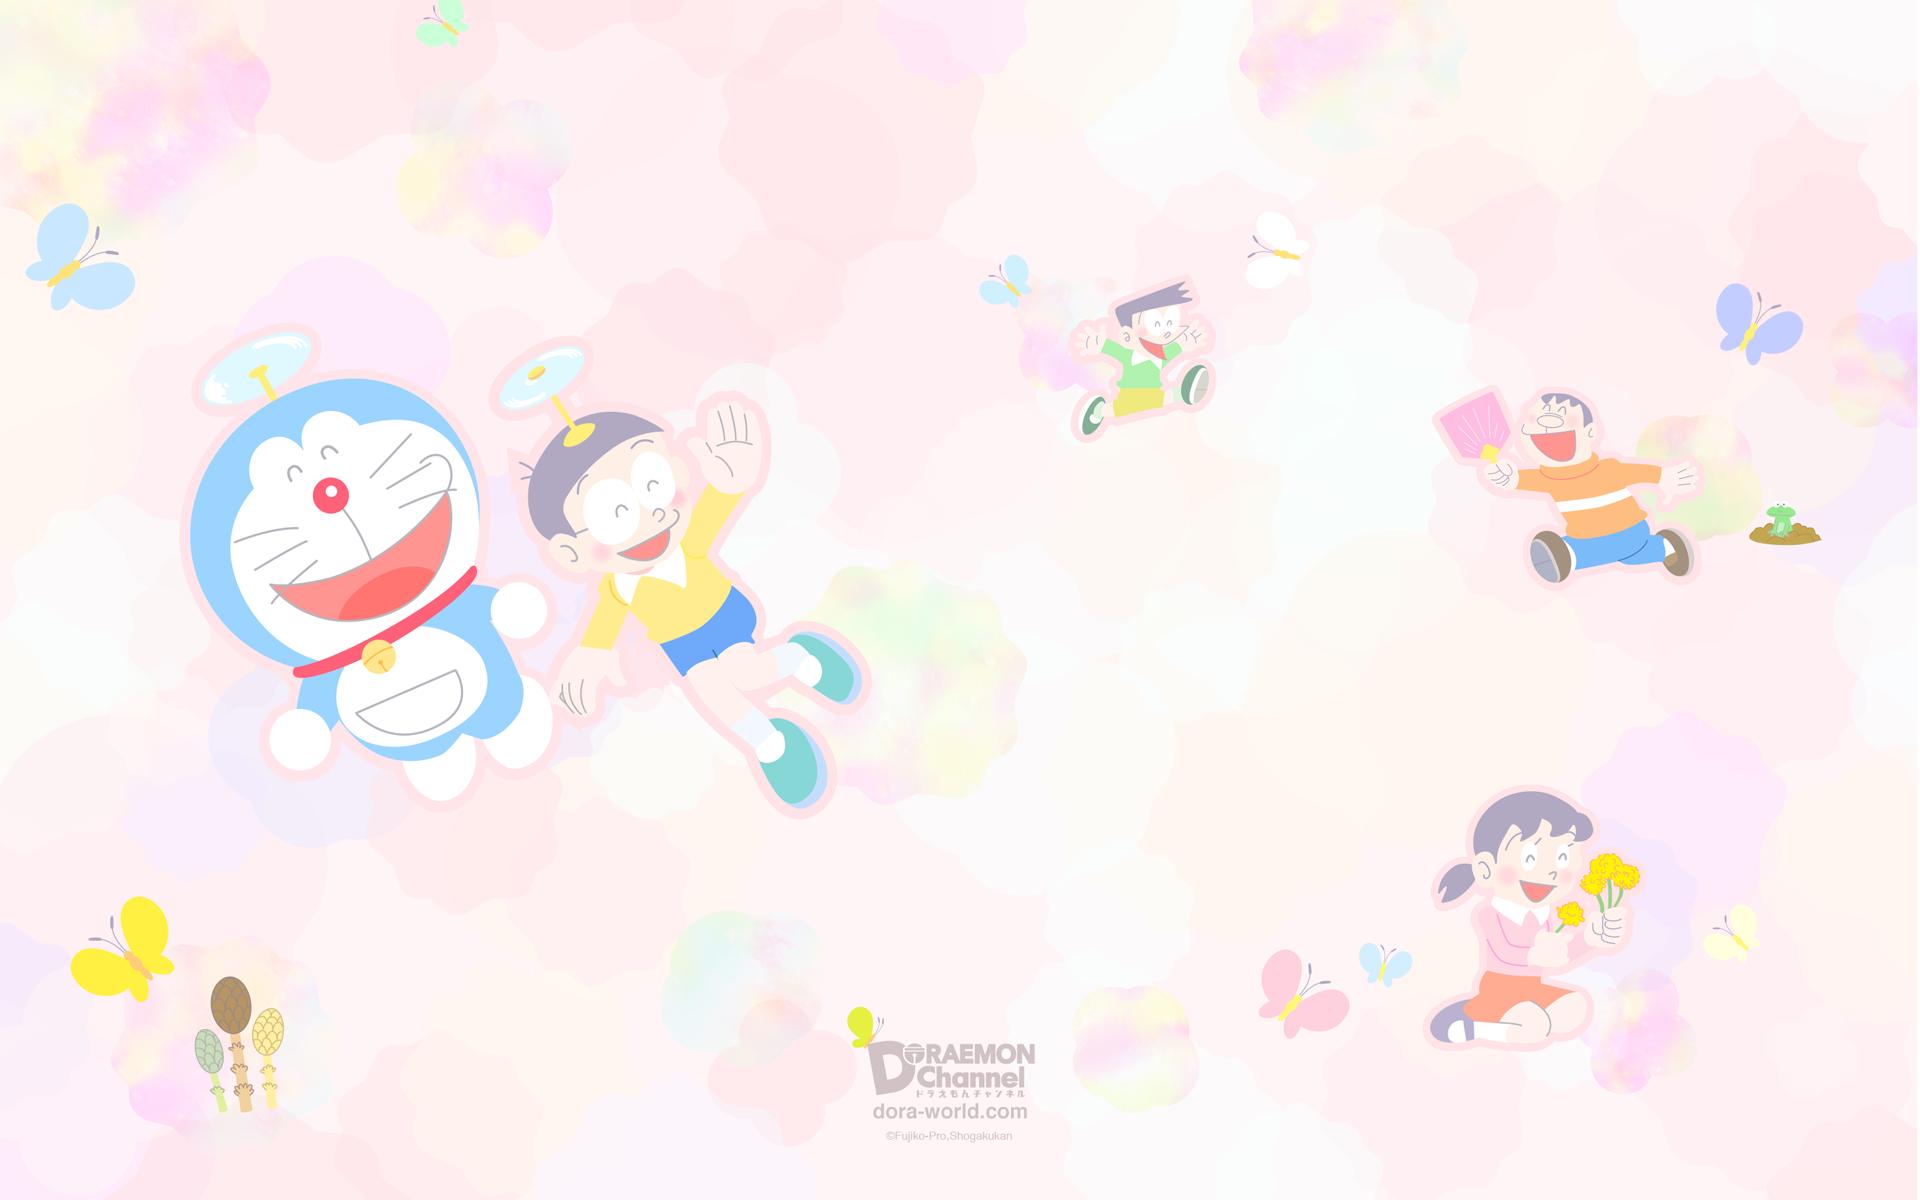 100画像 国民的アニメ ドラえもんの壁紙 イラスト 高画質画像